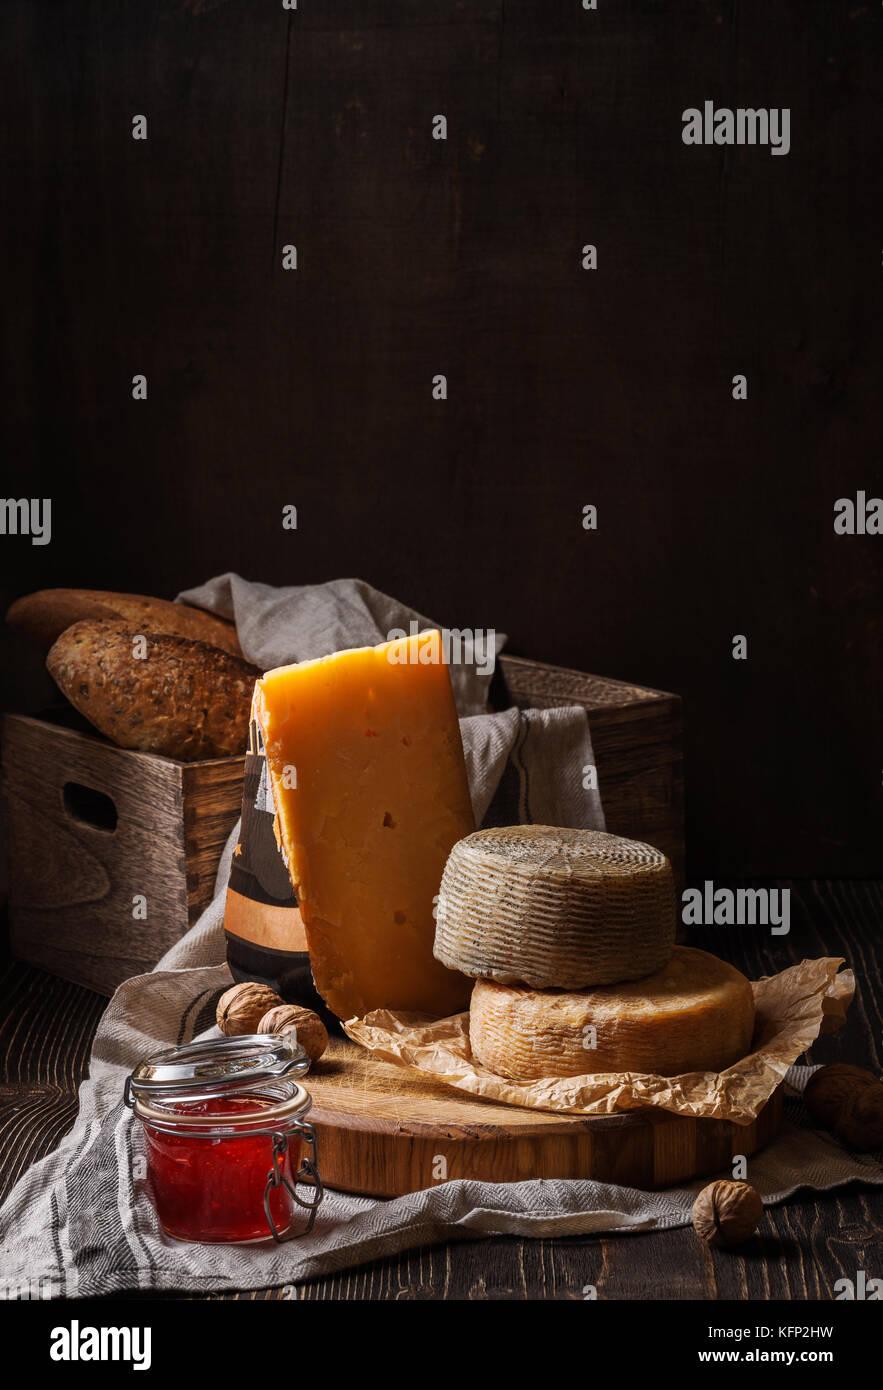 La vie encore sombre avec du fromage et du pain Photo Stock